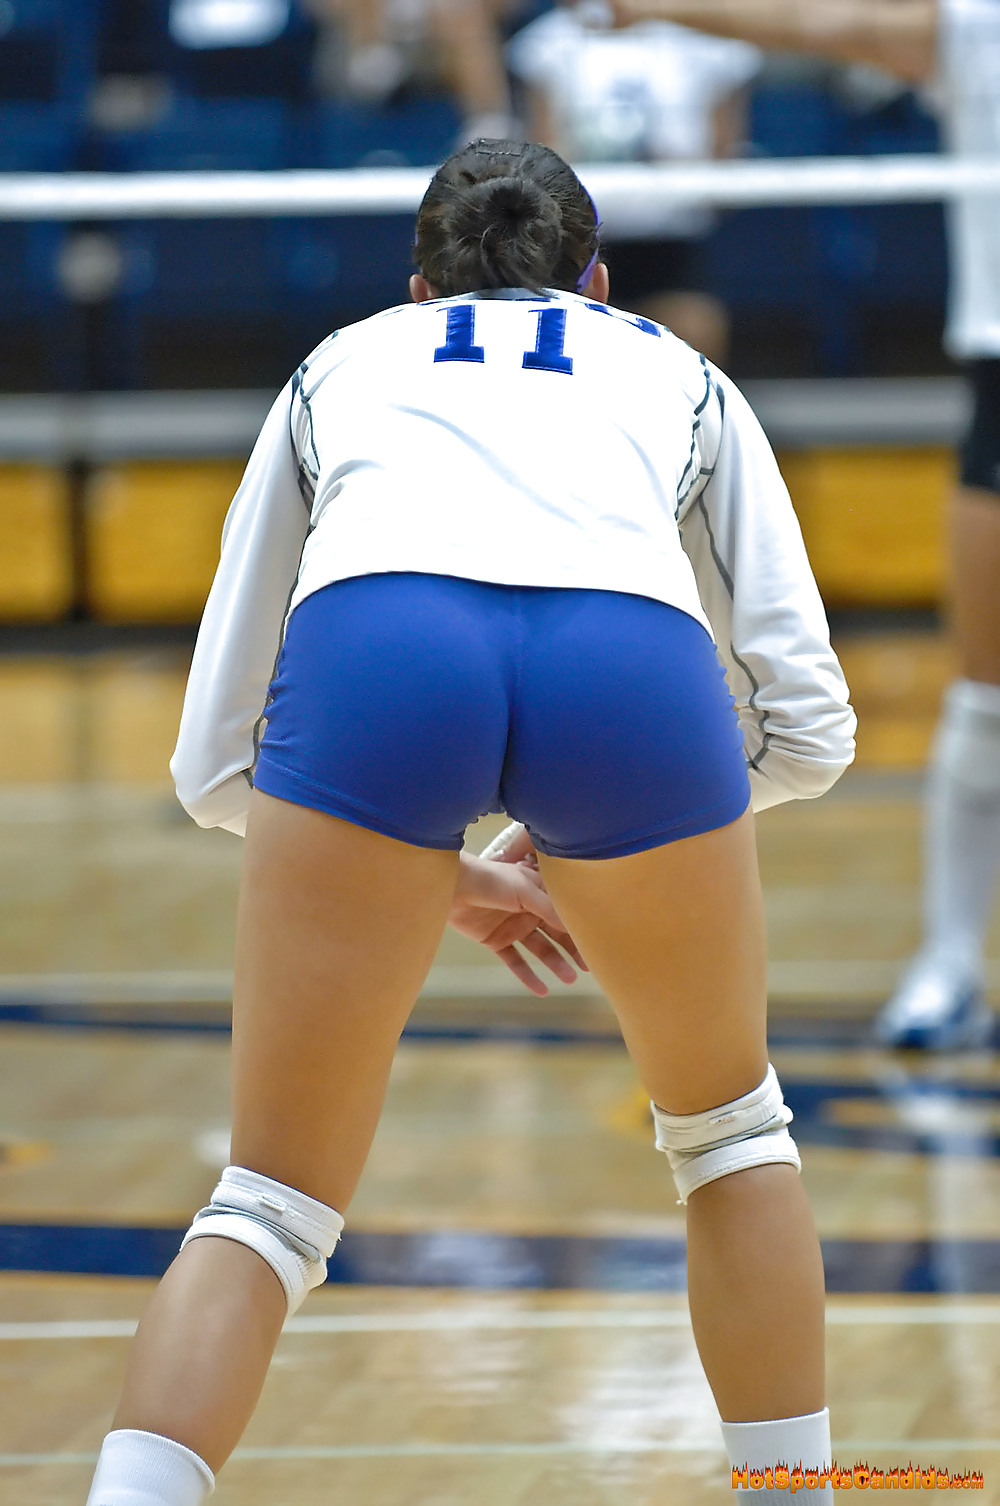 big ass women volleyball players photos